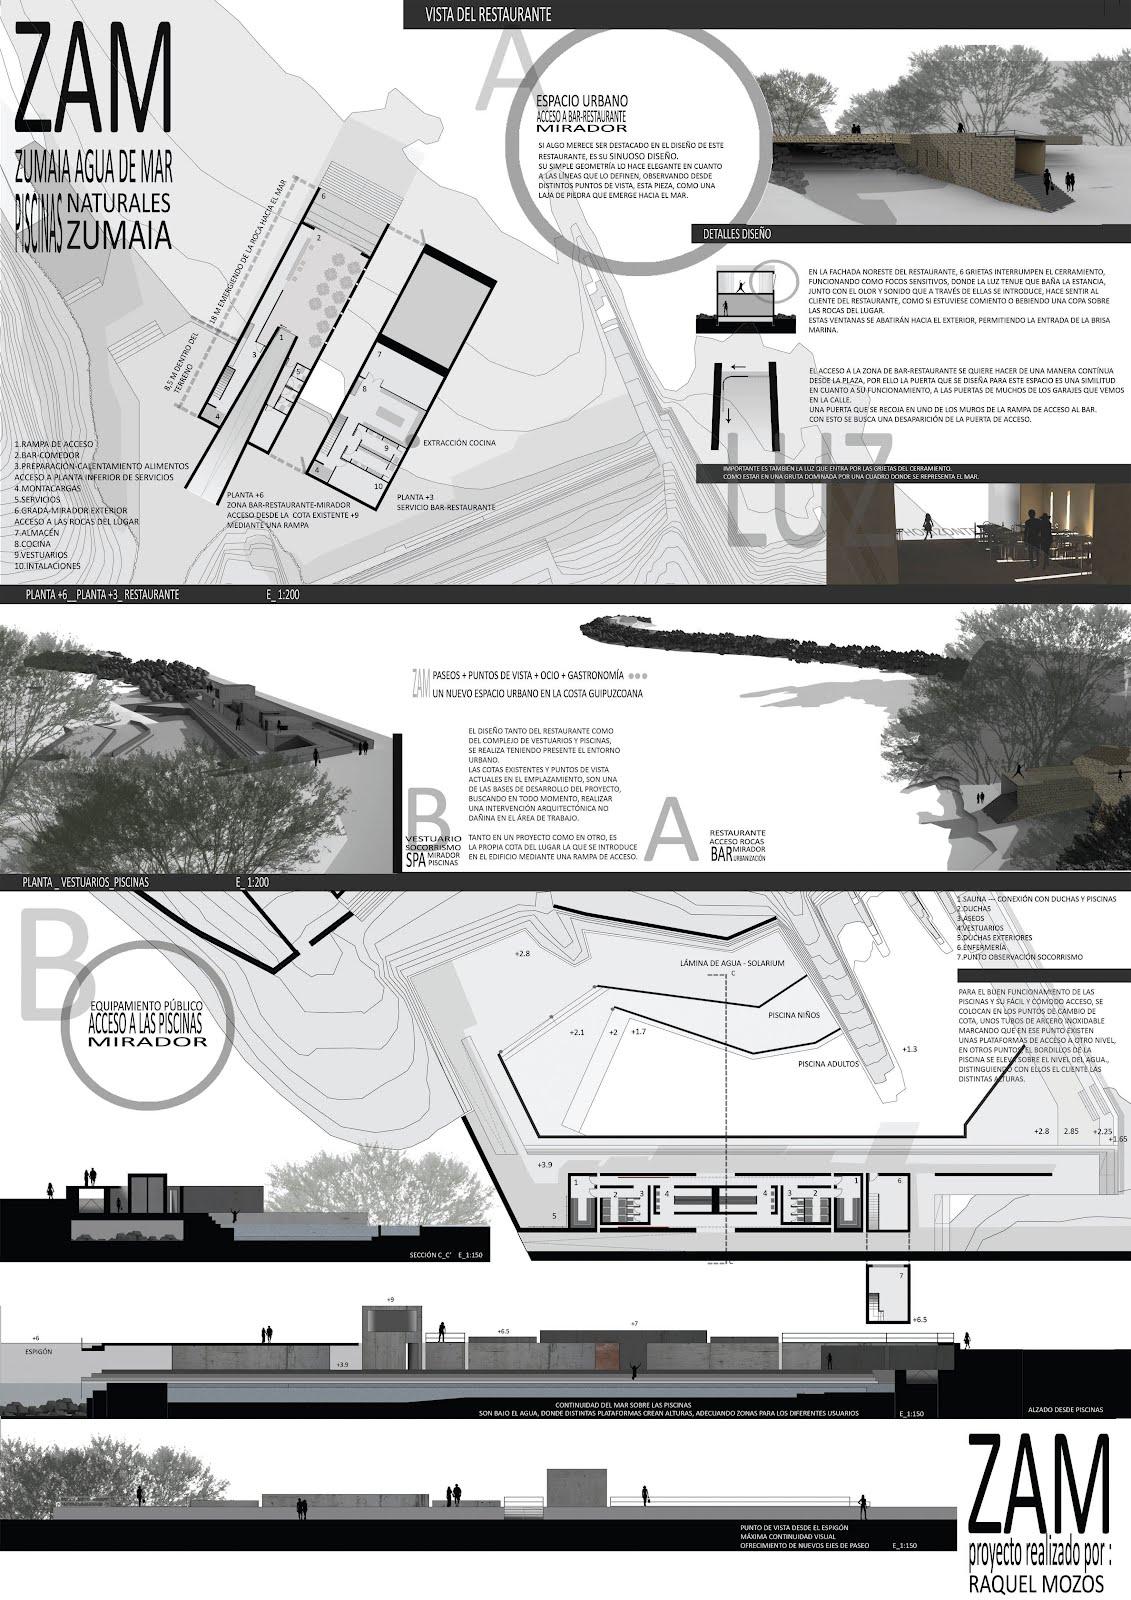 Raquel mozos de la fuente piscinas naturales en zumaia - Escuela superior de arquitectura de san sebastian ...